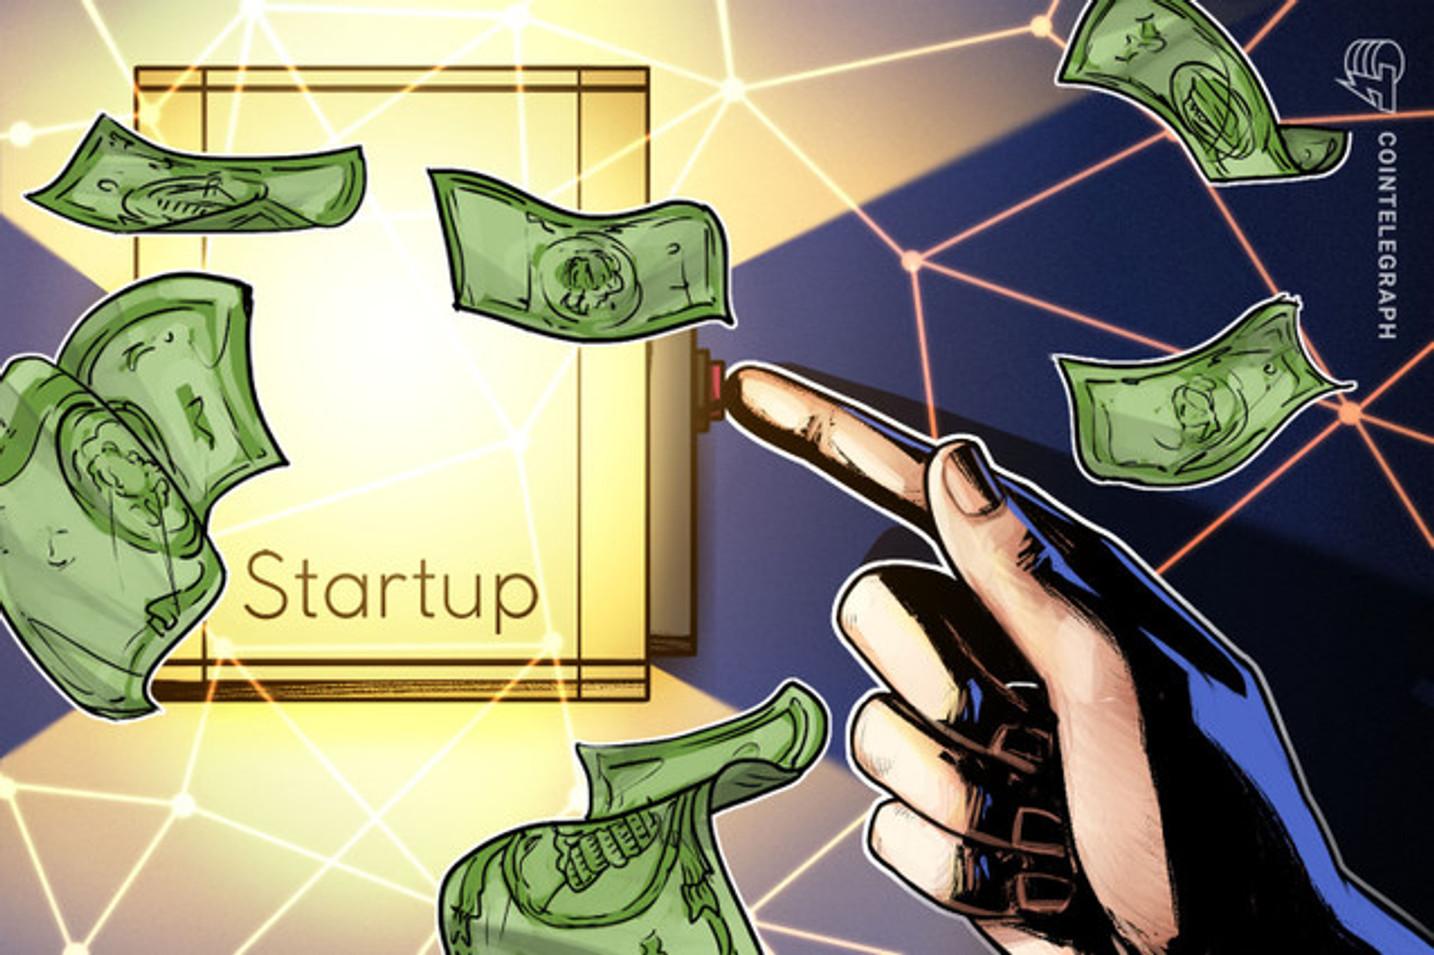 Startups en España se incrementan un 23% respecto al año anterior